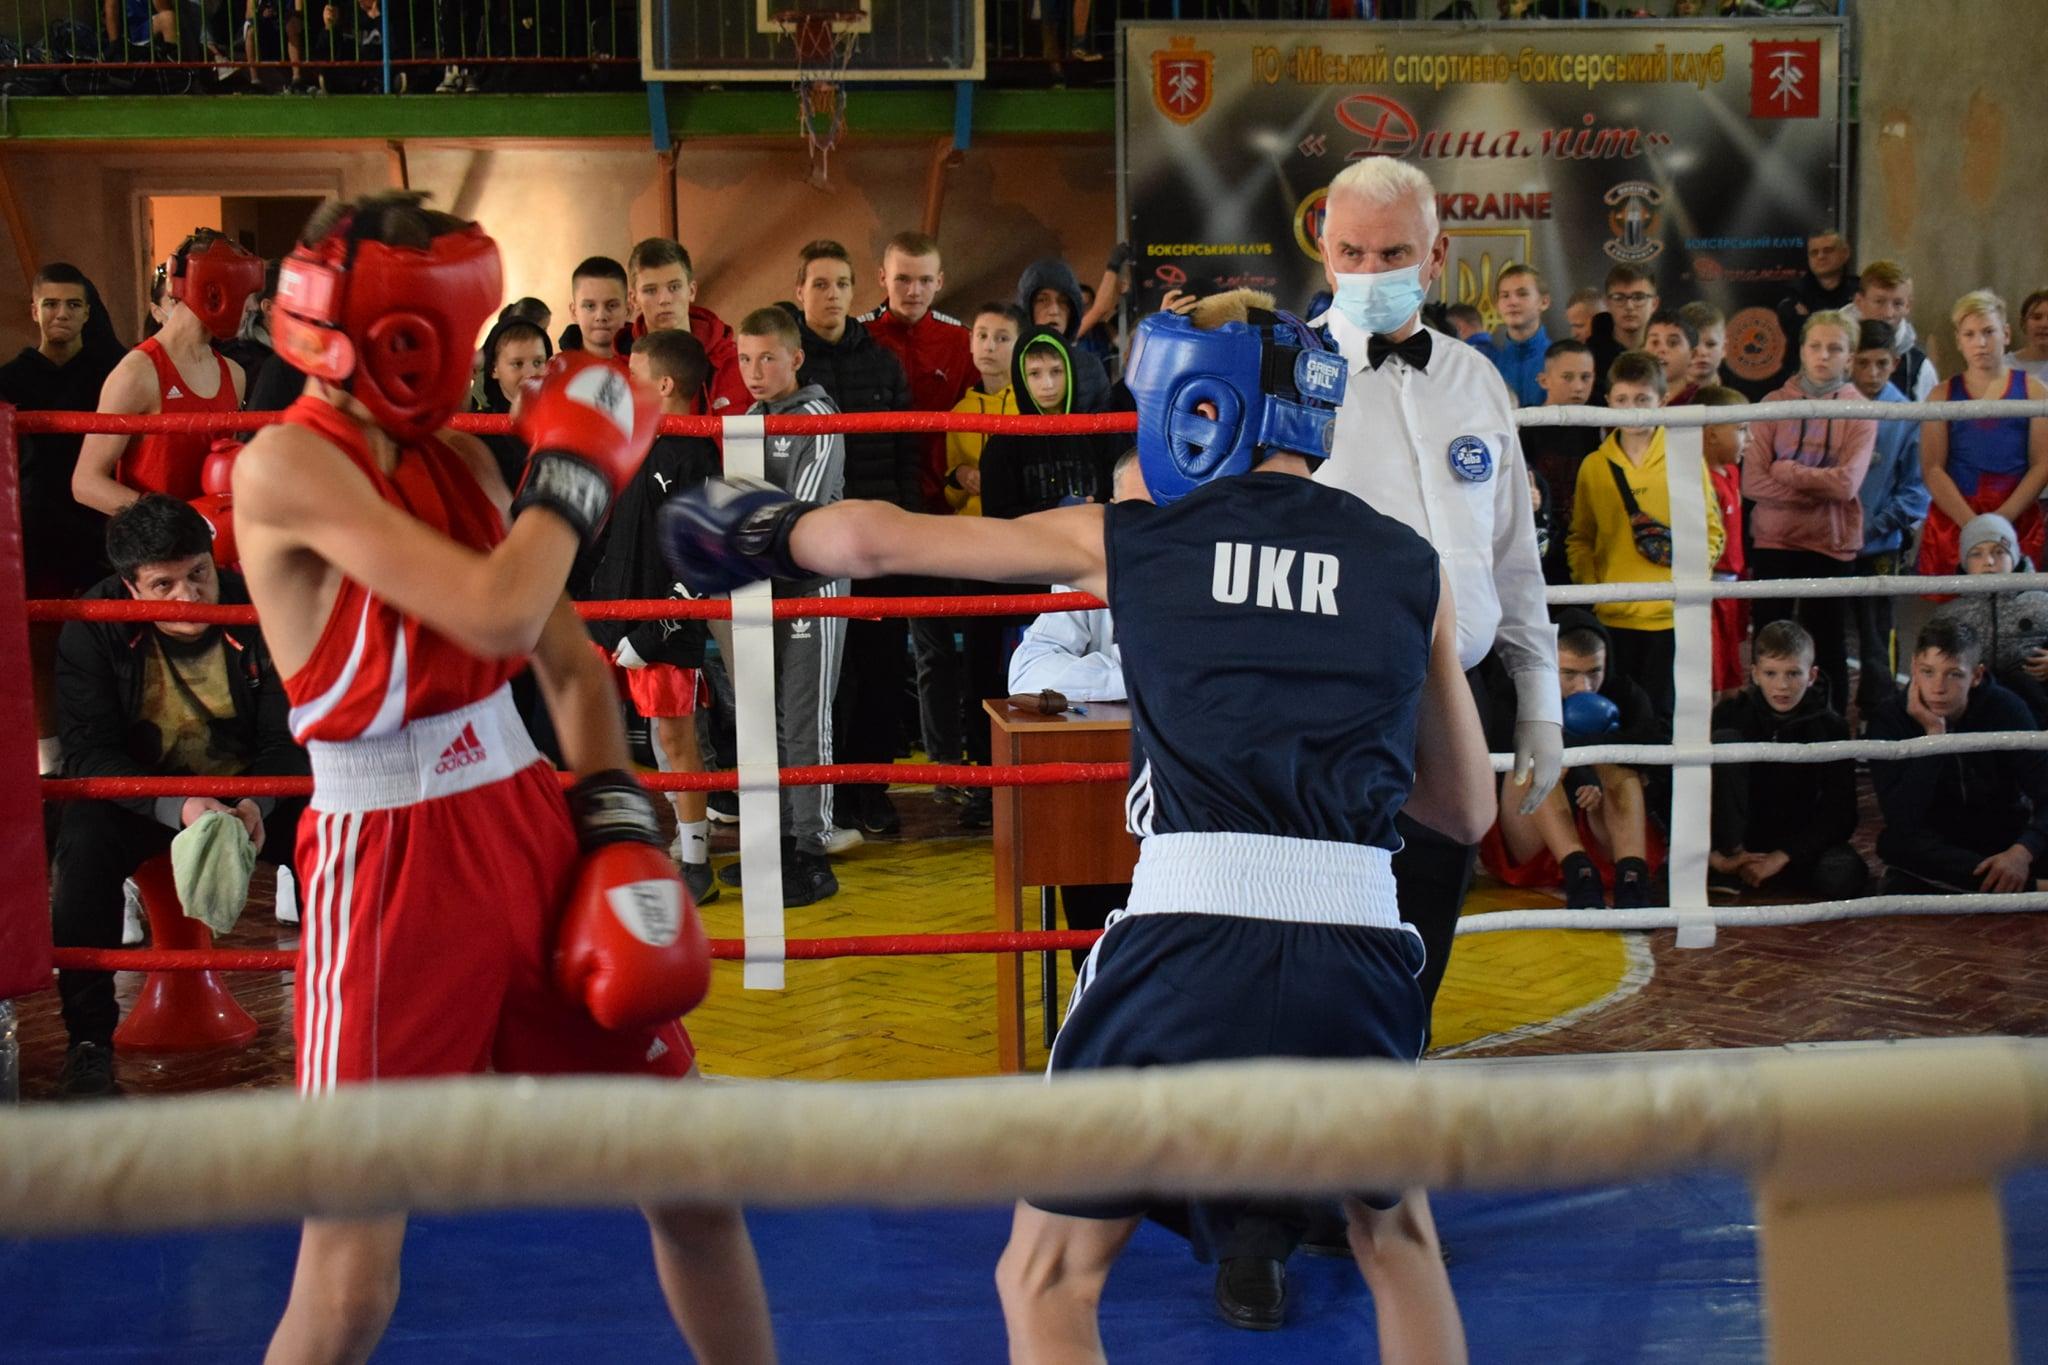 У Здолбунові відбувся турнір з боксу: як це було